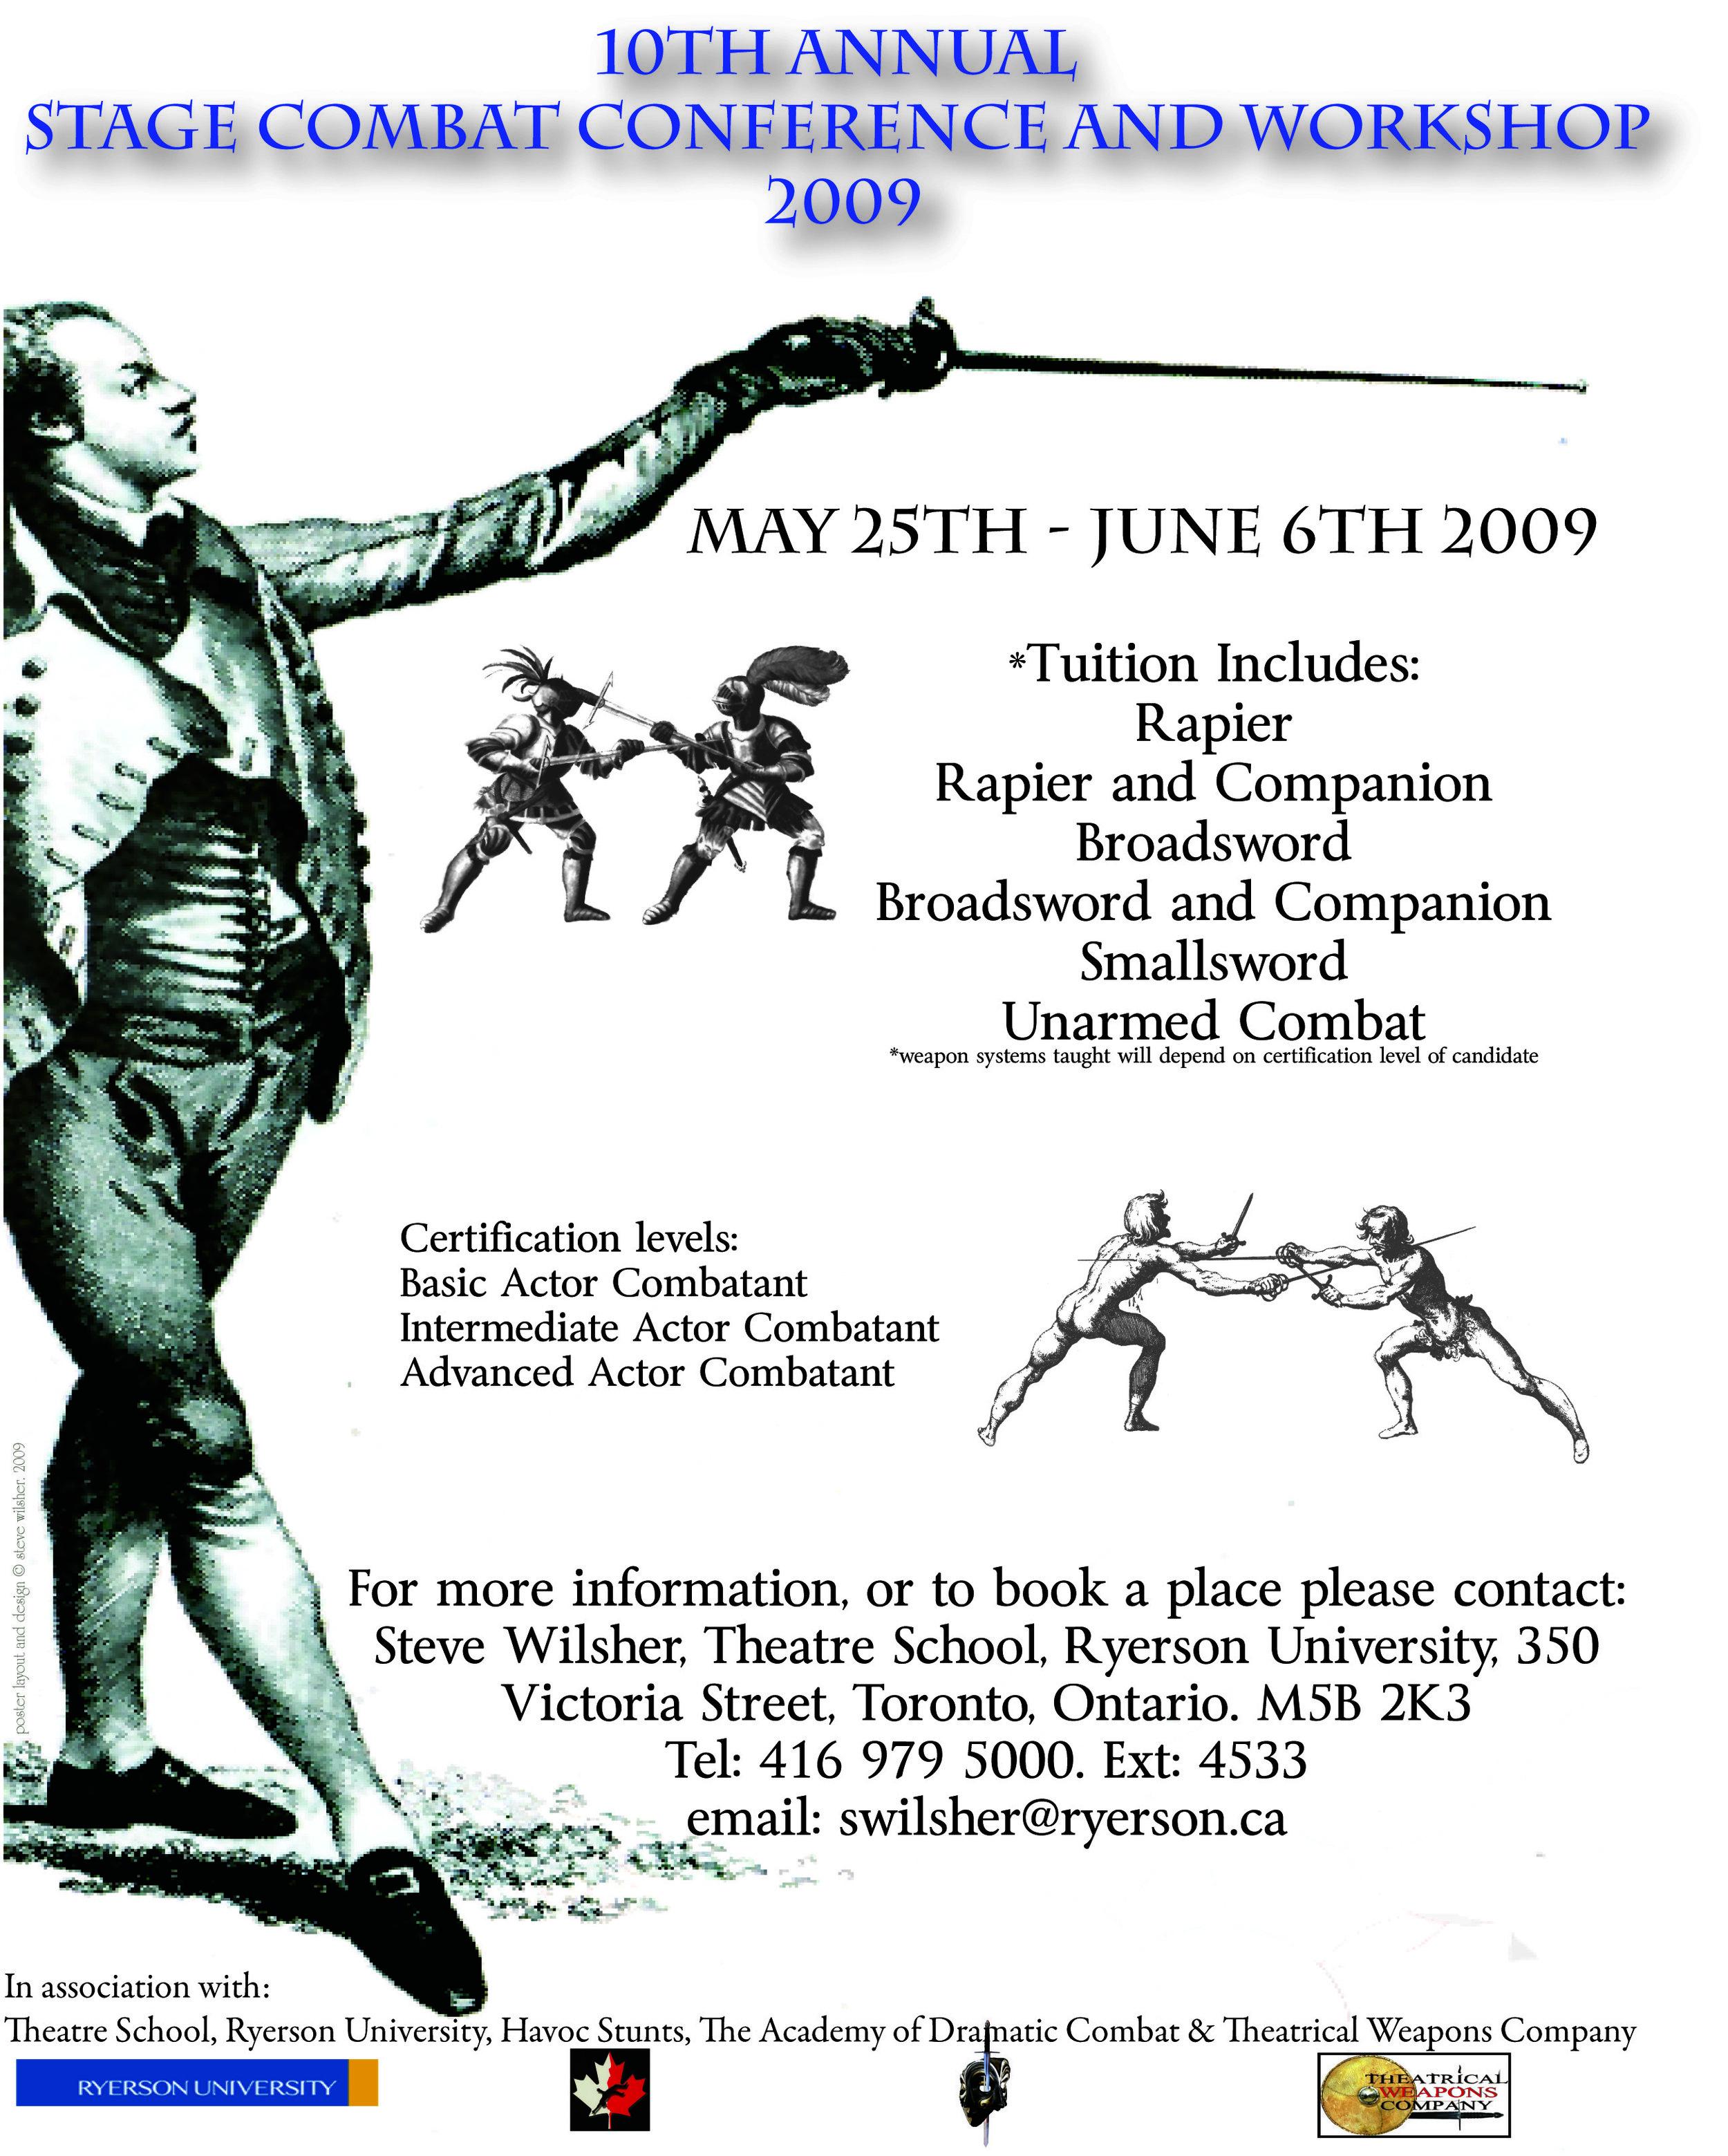 Workshop 2009 Poster 2.jpg